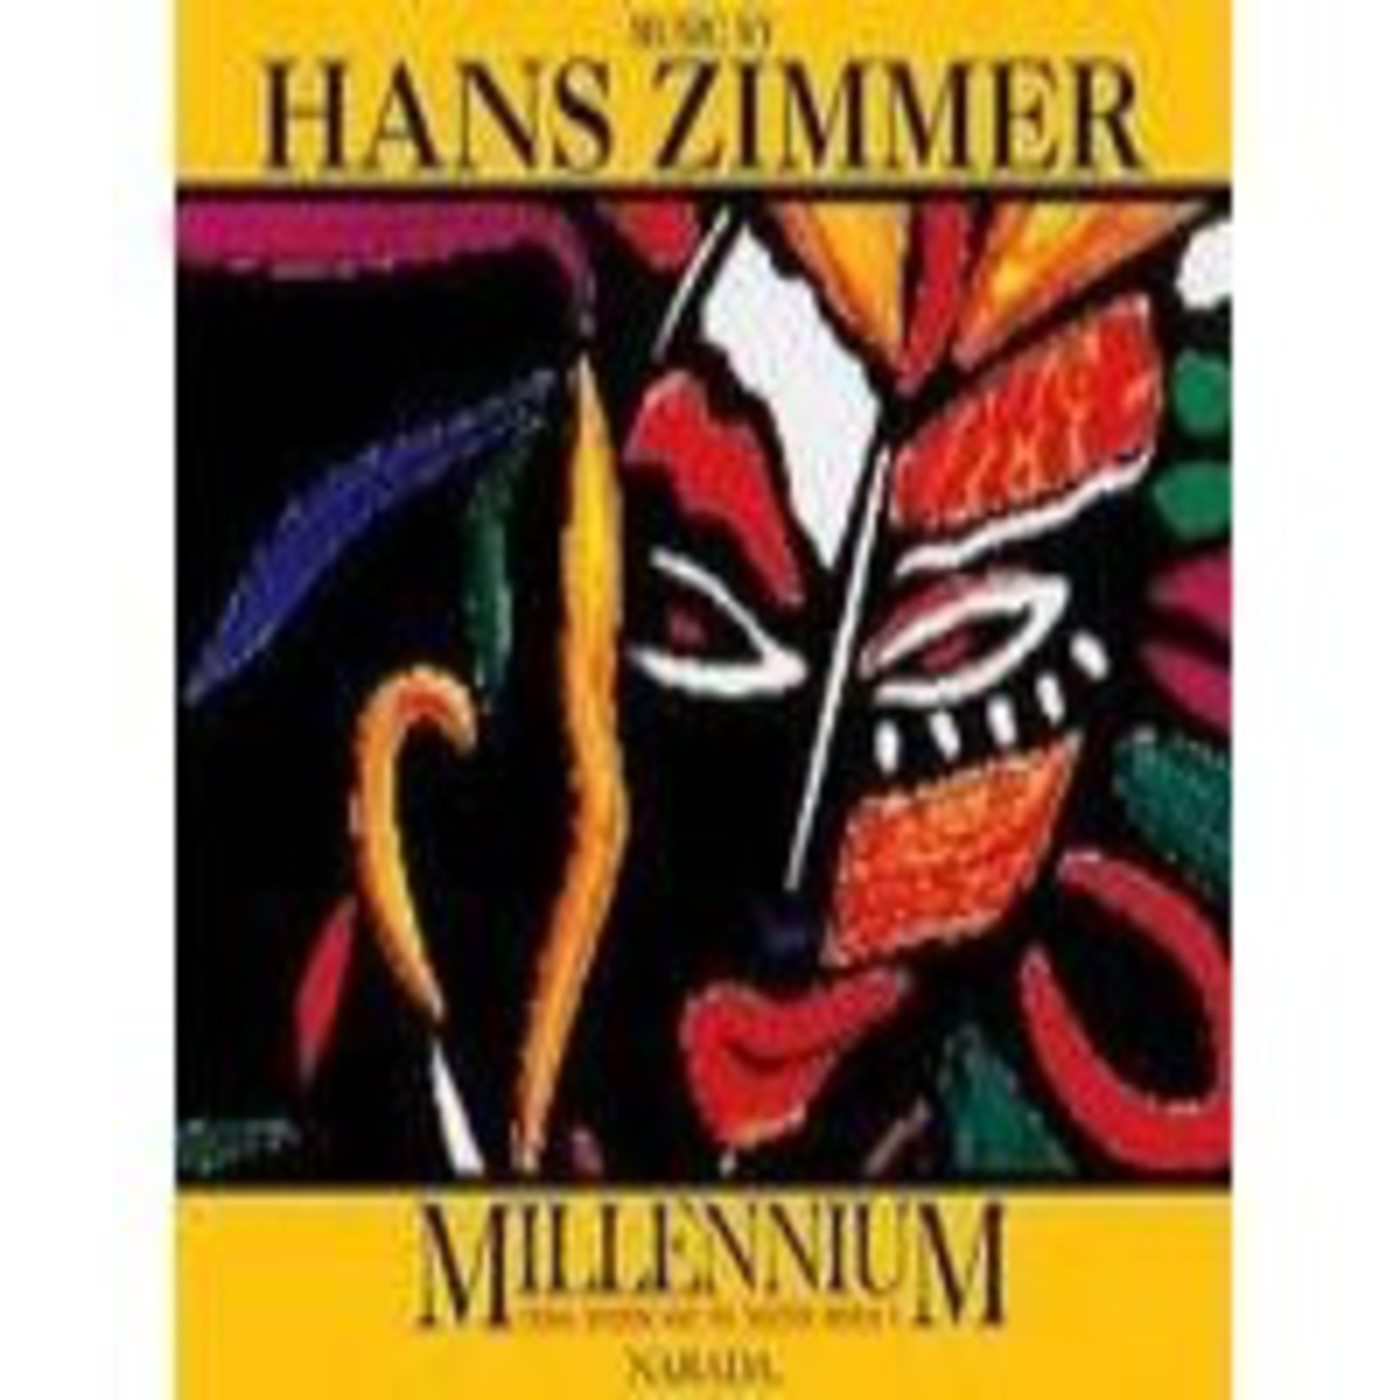 musica cuarto milenio - 28 images - 22 hermoso cuarto milenio musica ...